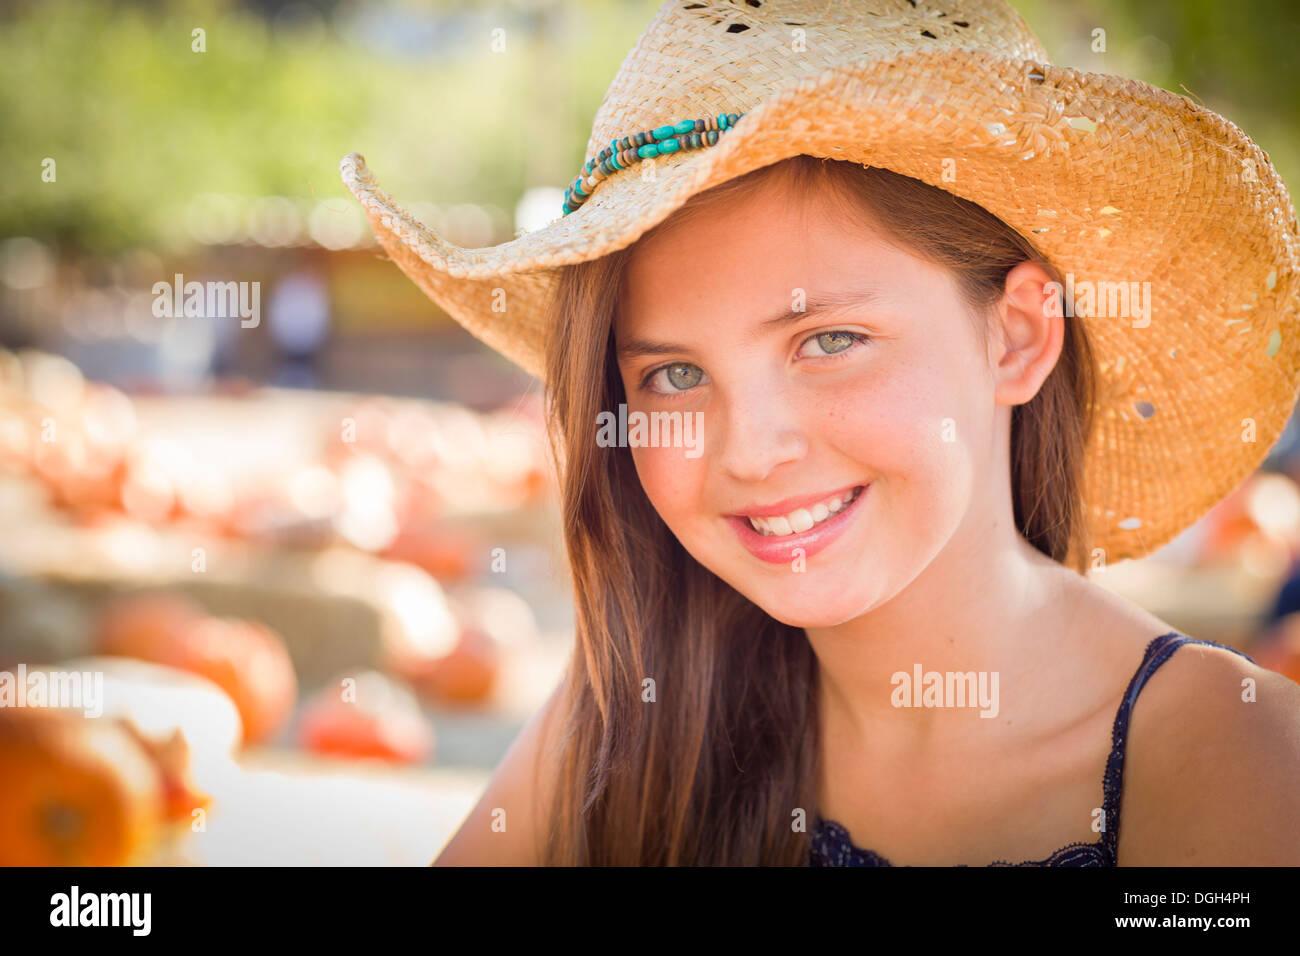 Preteen Mädchen Portrait Cowboy Hut im Kürbisbeet in rustikalem Ambiente. Stockbild